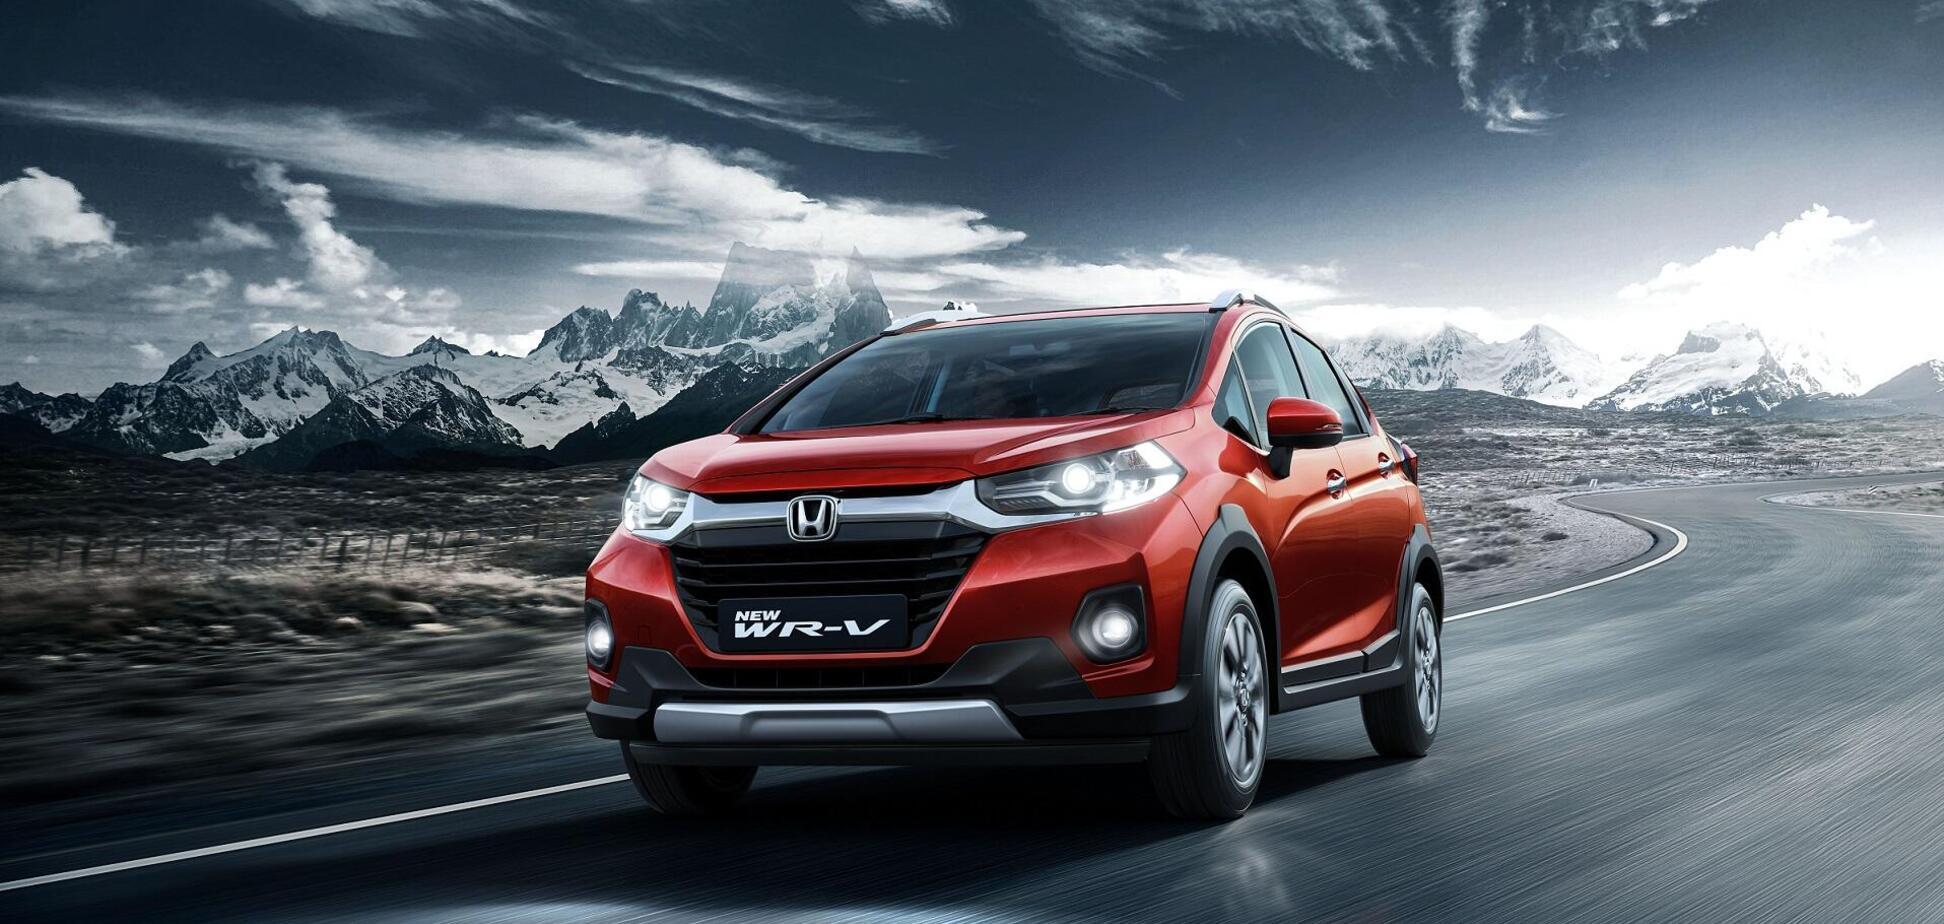 Honda 'оживила' свой кроссовер за 10 000 евро